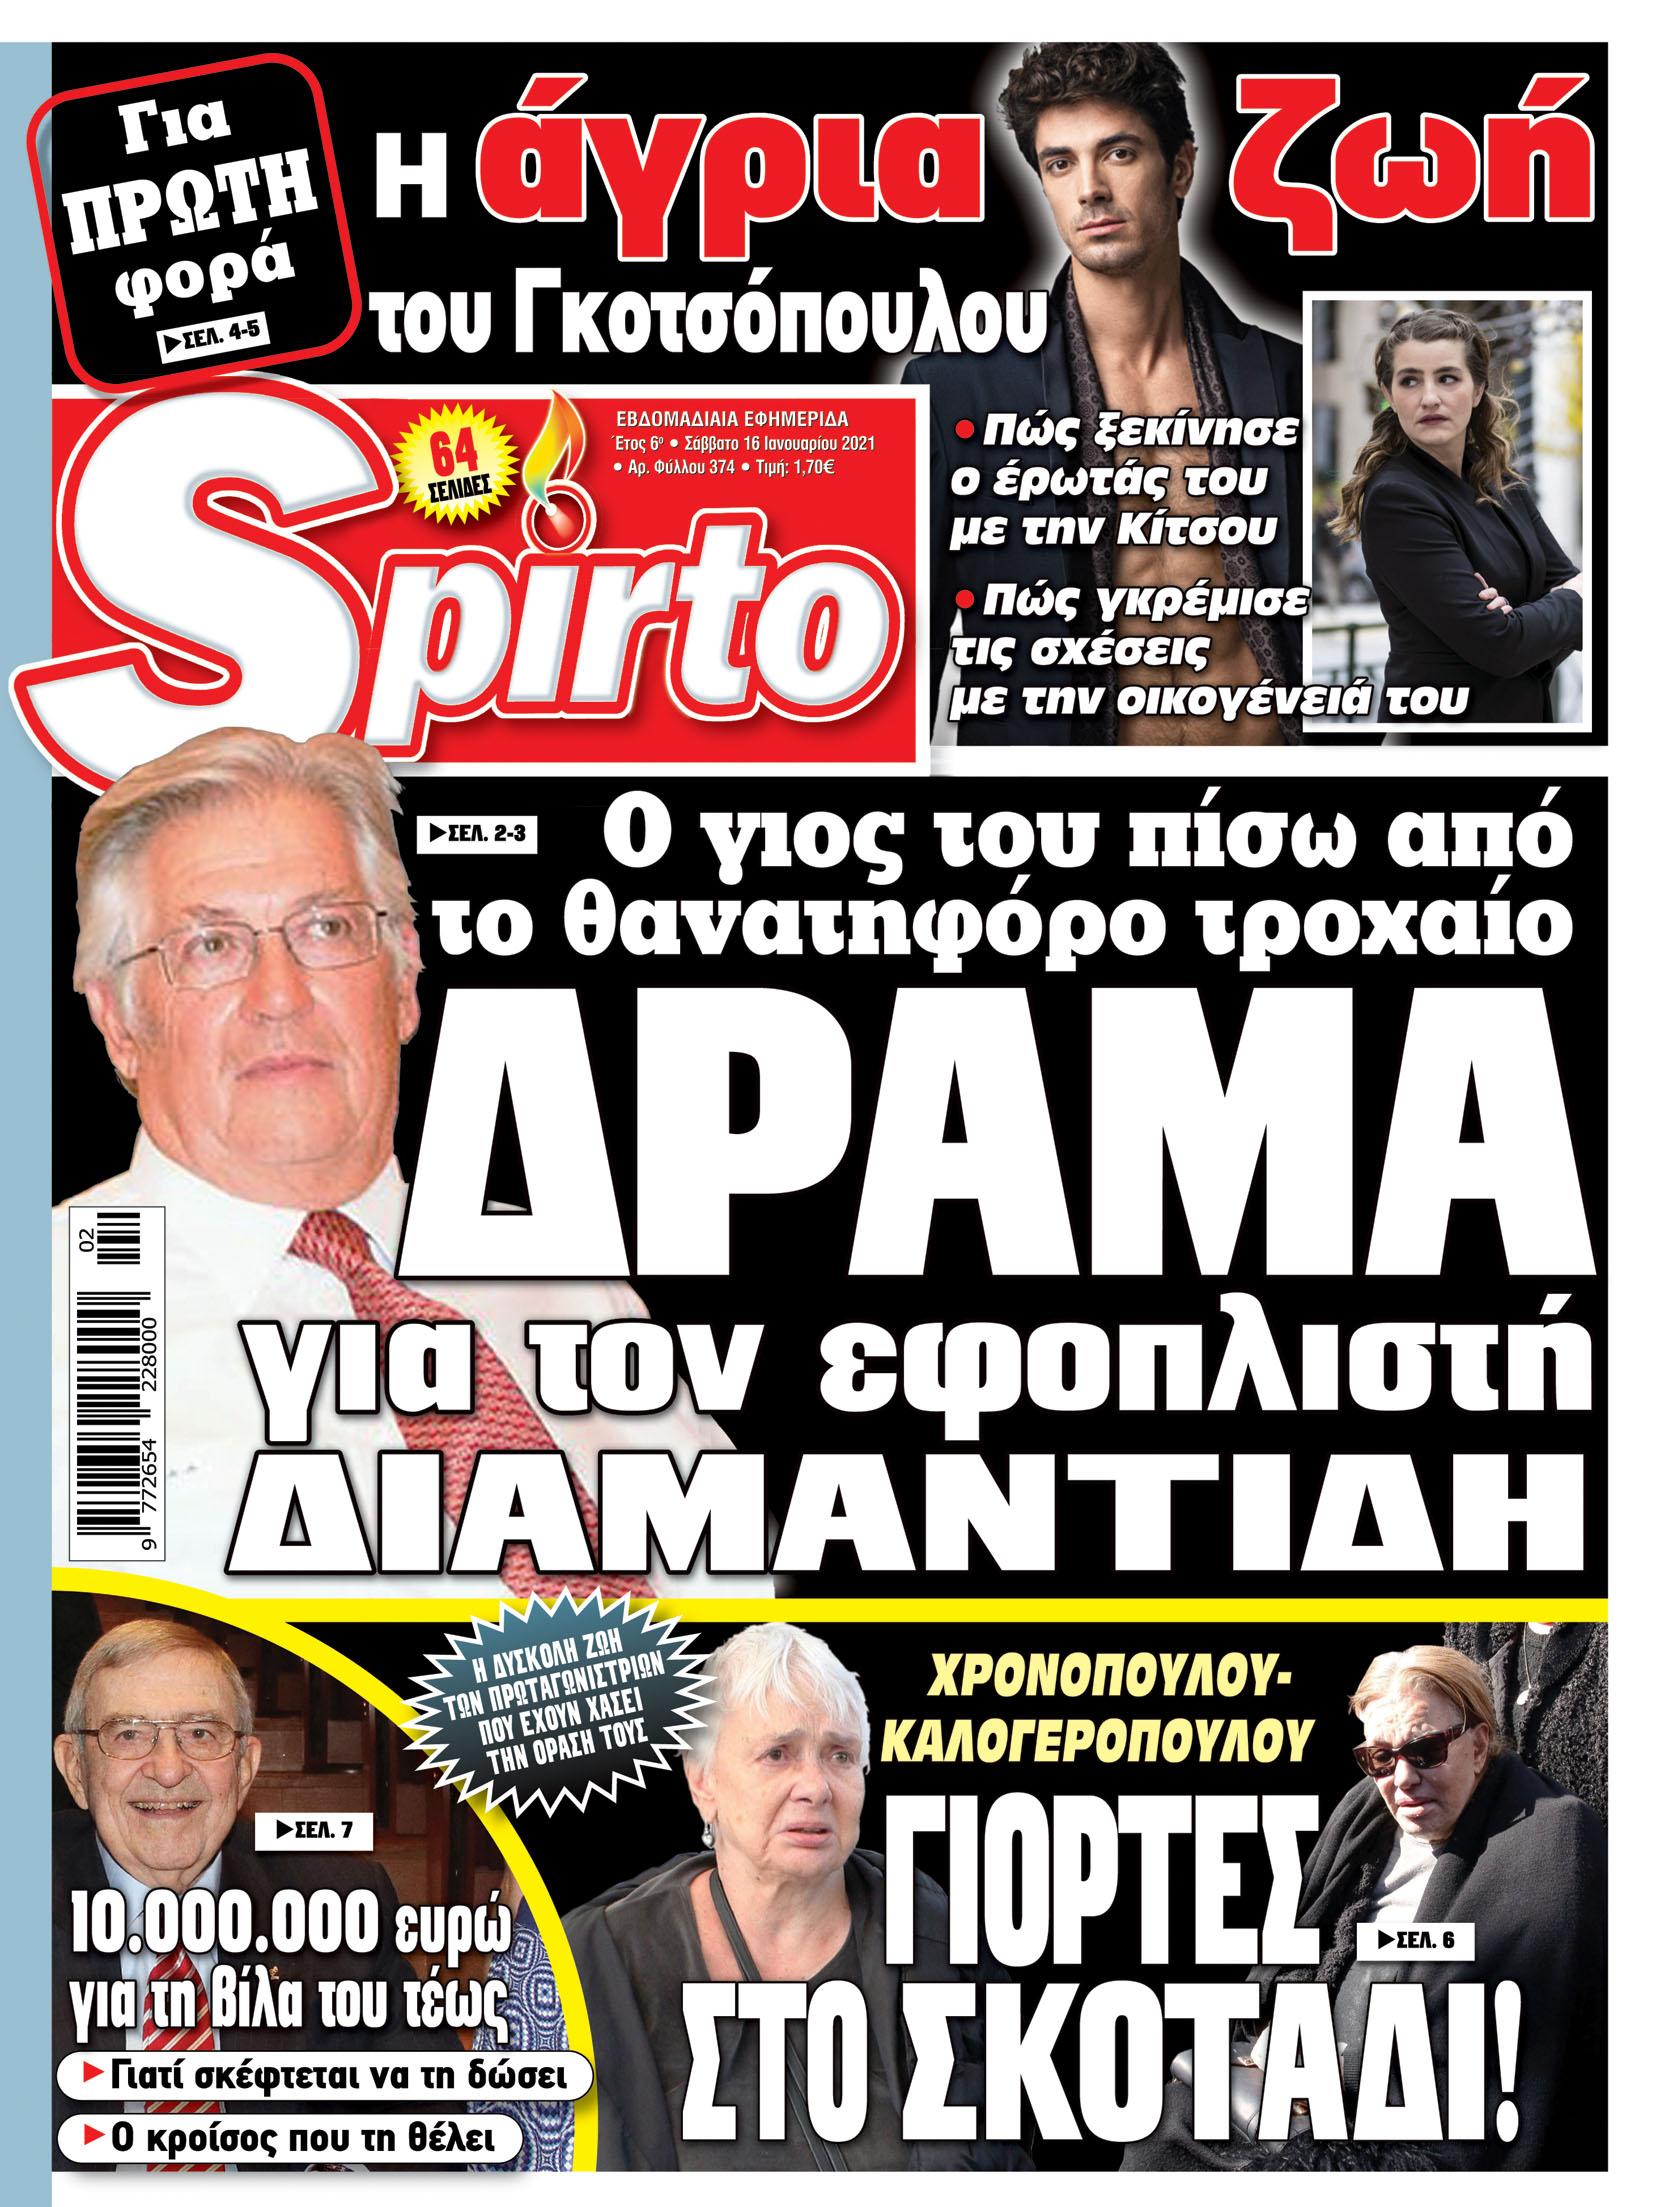 Το Spirto δεν χάνεται αύριο με τίποτα! Αποκαλυπτικά ρεπορτάζ που θα συζητηθούν